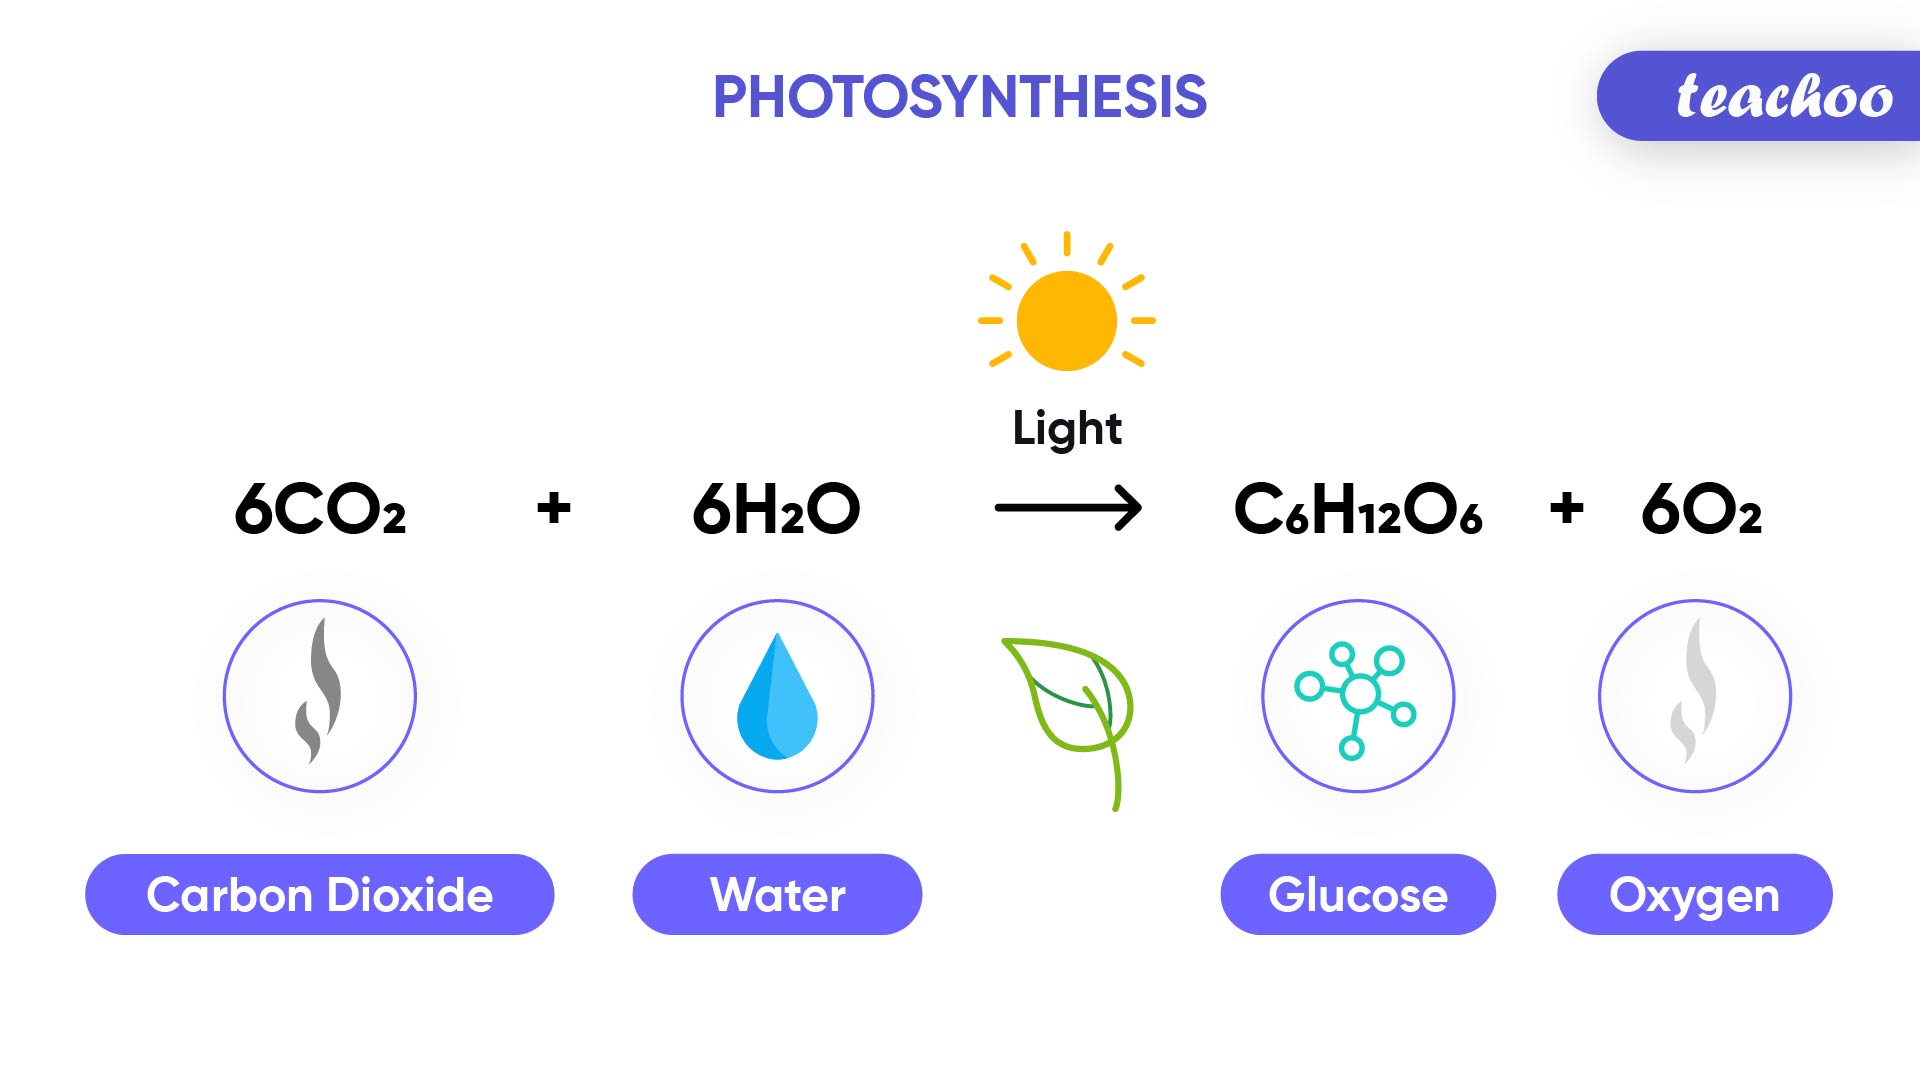 Photosynthesis-Teachoo-01.jpg